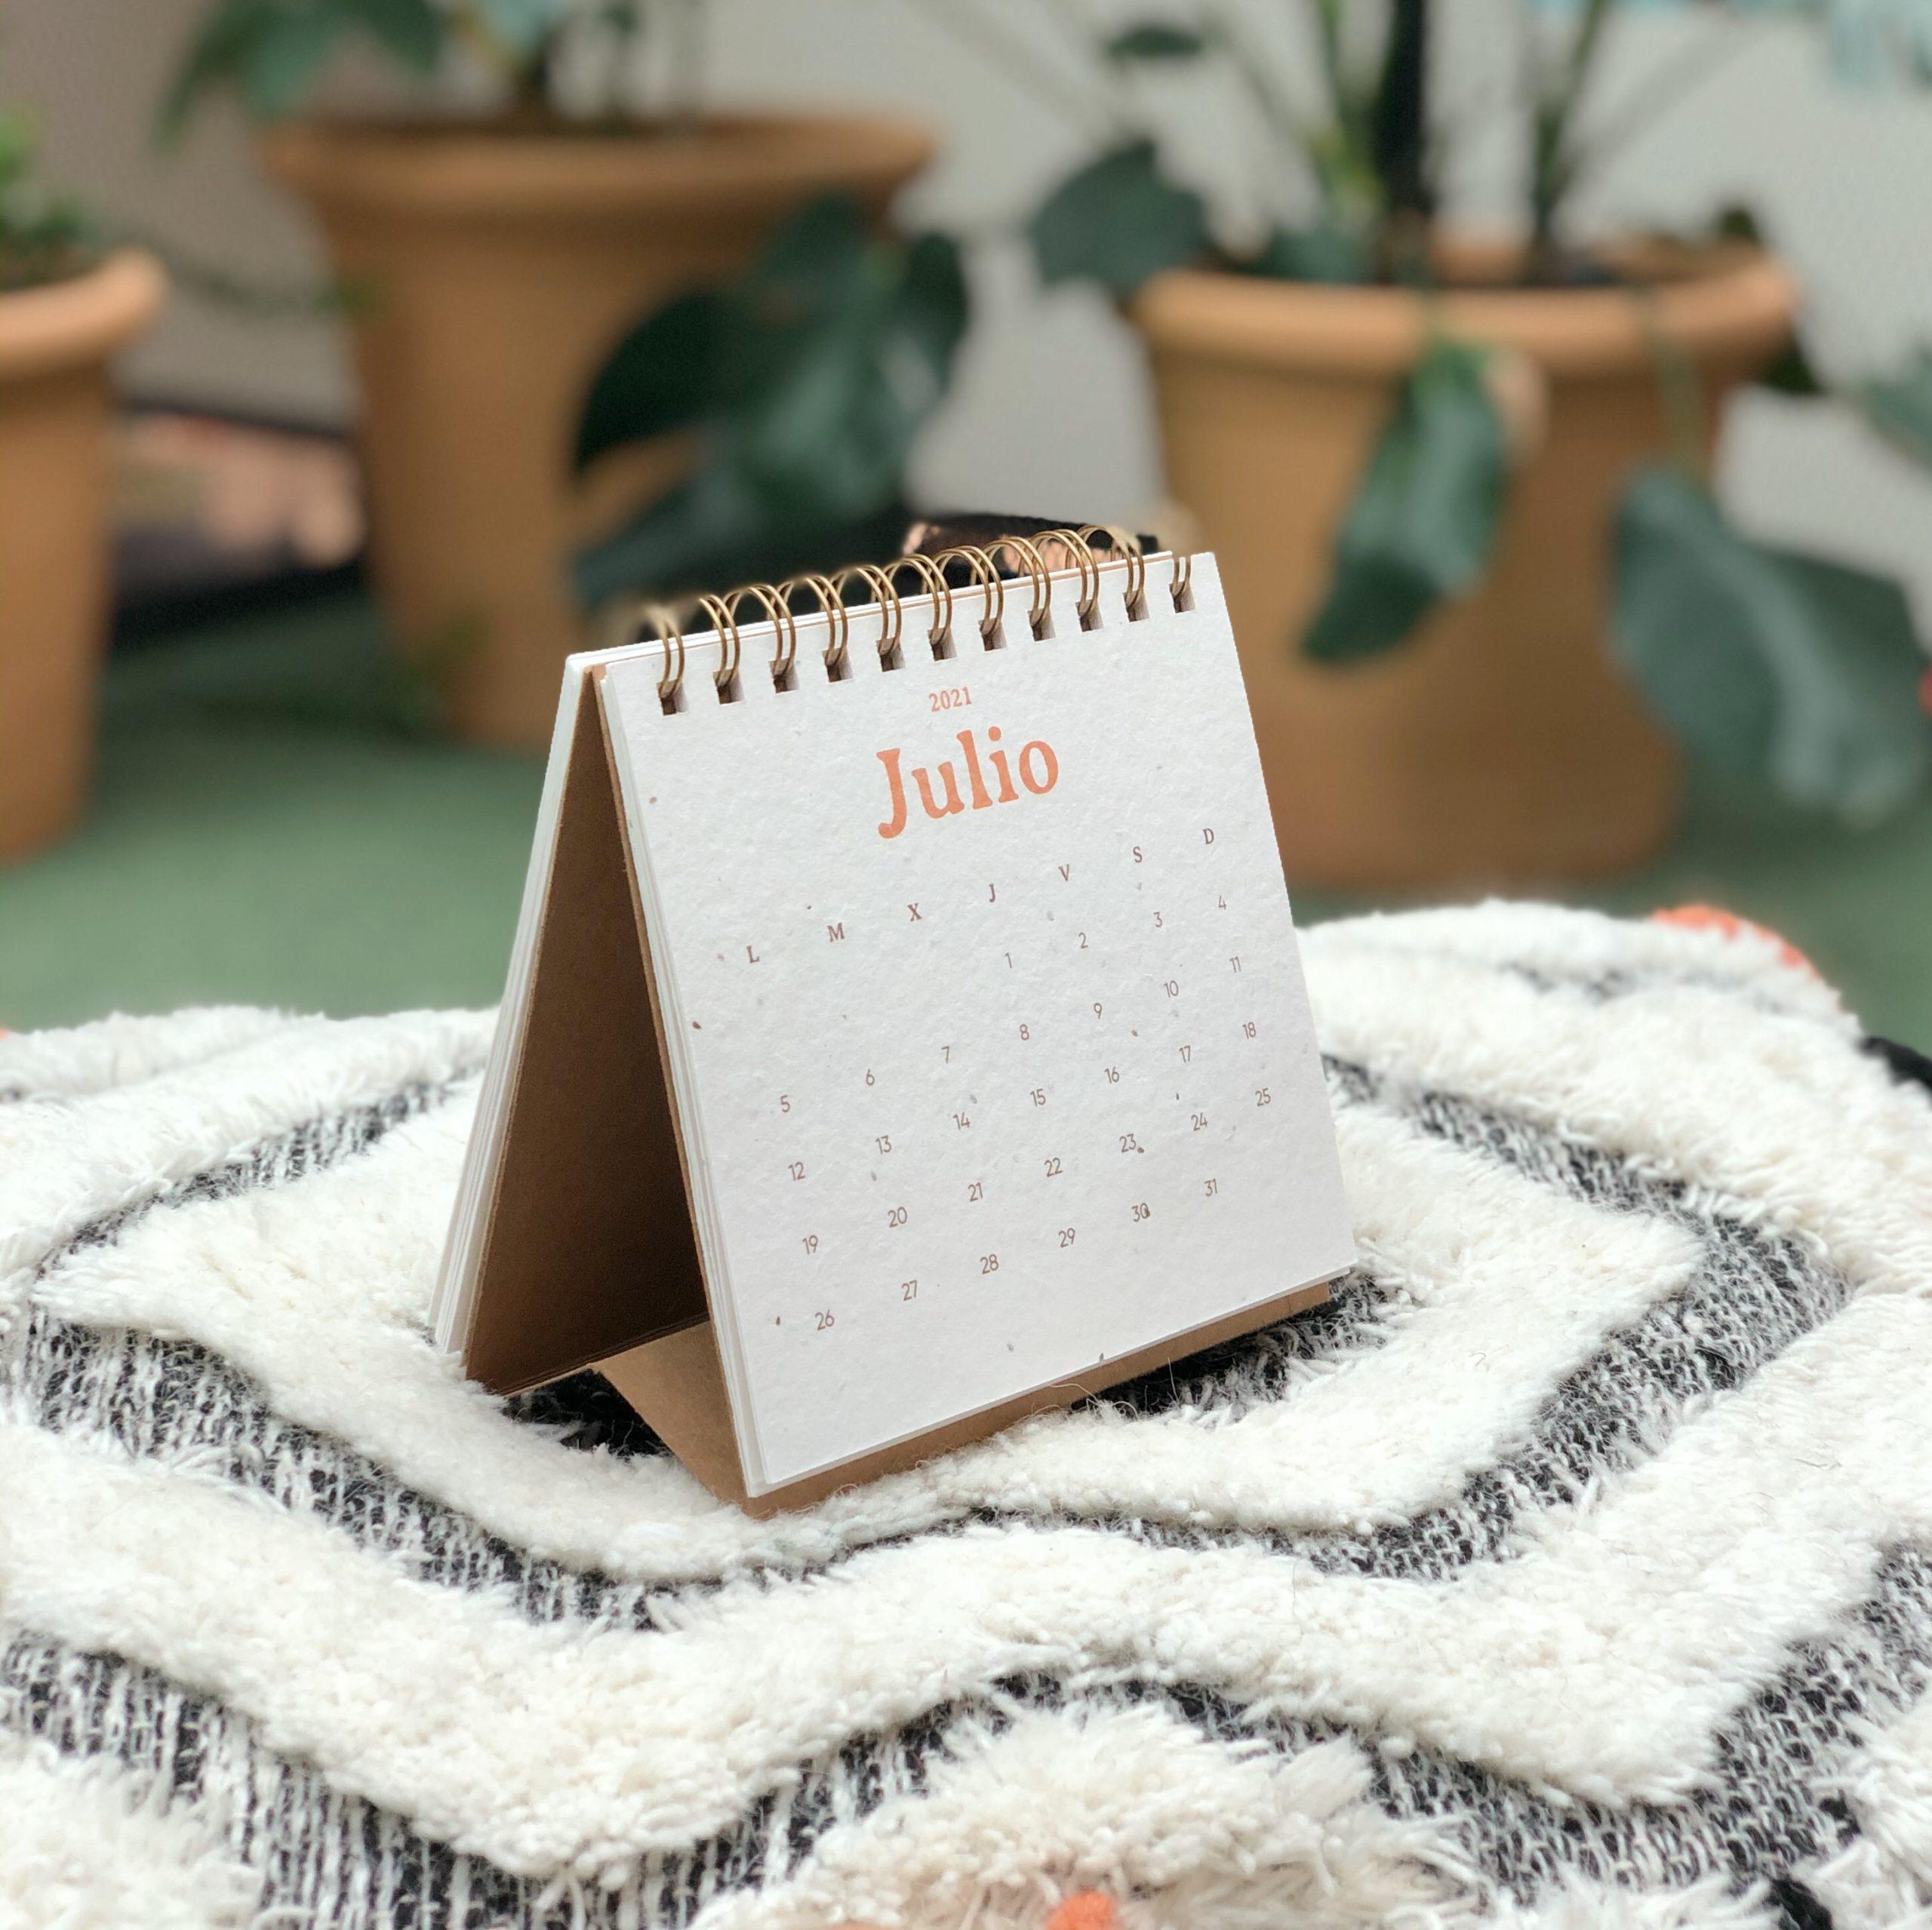 ¿Qué incluye este producto?     · 12 meses tamaño 14x15cm, de algodón reciclado de ropa usada, con semillas en su composición. Una vez pasado el mes, ¡se puede plantar!  · La cara trasera de cada mes lleva las instrucciones de plantado y un diseño de paisaje de cada estación del año. Es perfecto para que cuando pase el mes, lo separes del calendario y se lo regales a un@ amig@ que tenga cumpleaños  · Portada de papel reciclado de www.sheedopapers.com, a partir de residuos de Lemongrass y de algodón  · Cada mes es una semilla diferente: manzanilla, tomate, celosia y zanahoria